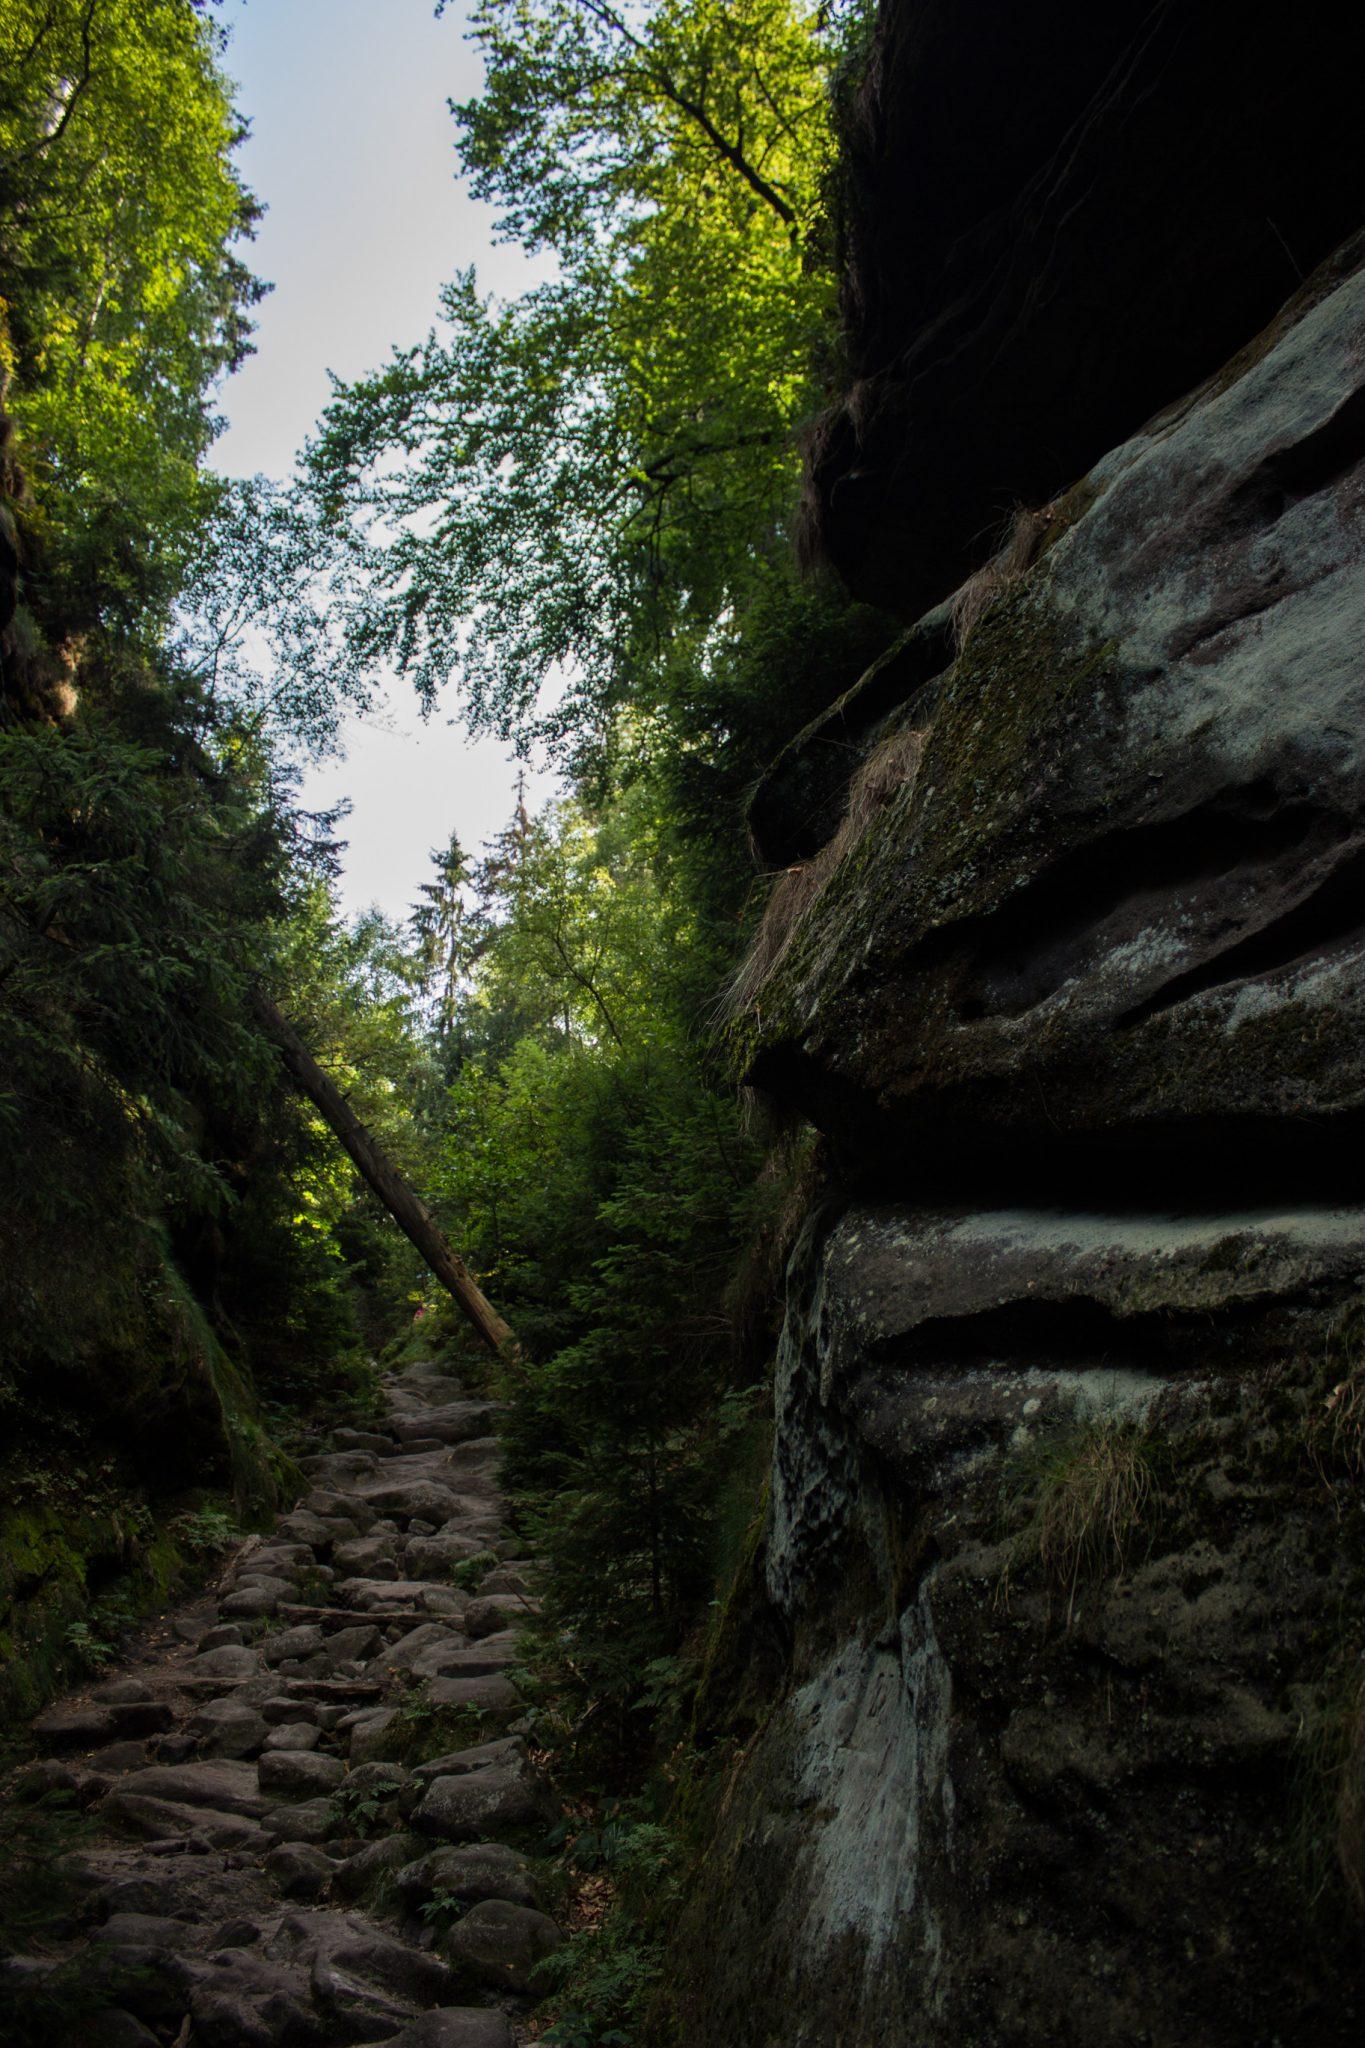 Hohe Liebe Schrammsteine Carolafelsen, Wanderweg im Wanderparadies Sächsische Schweiz mit vielen tollen Aussichten, riesiger Felsennationalpark, felsige naturbelassene Pfade